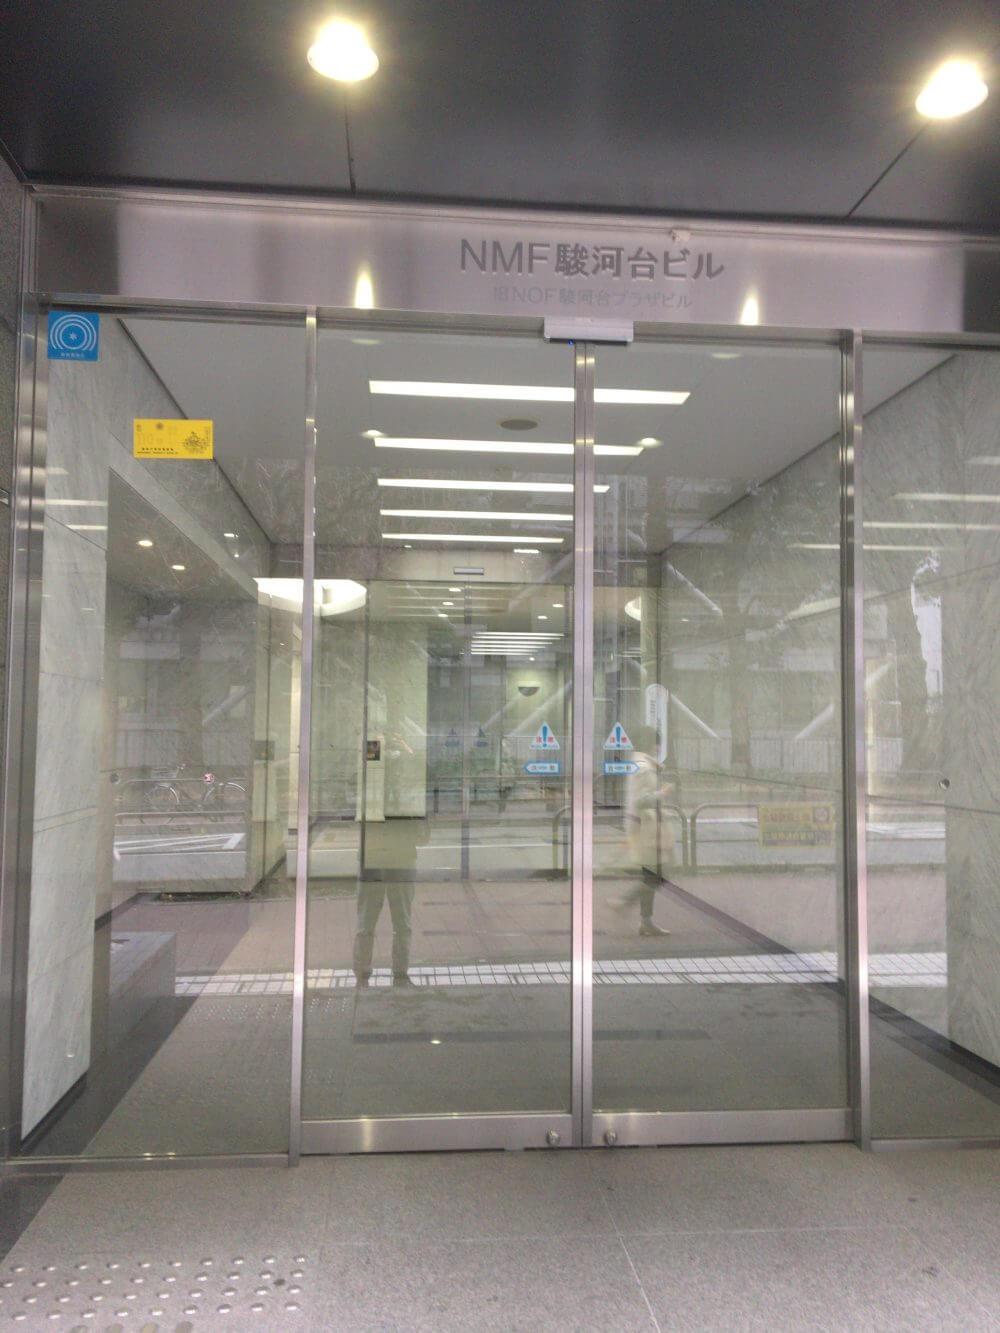 ヨーク国際留学センター NMF駿河台ビル